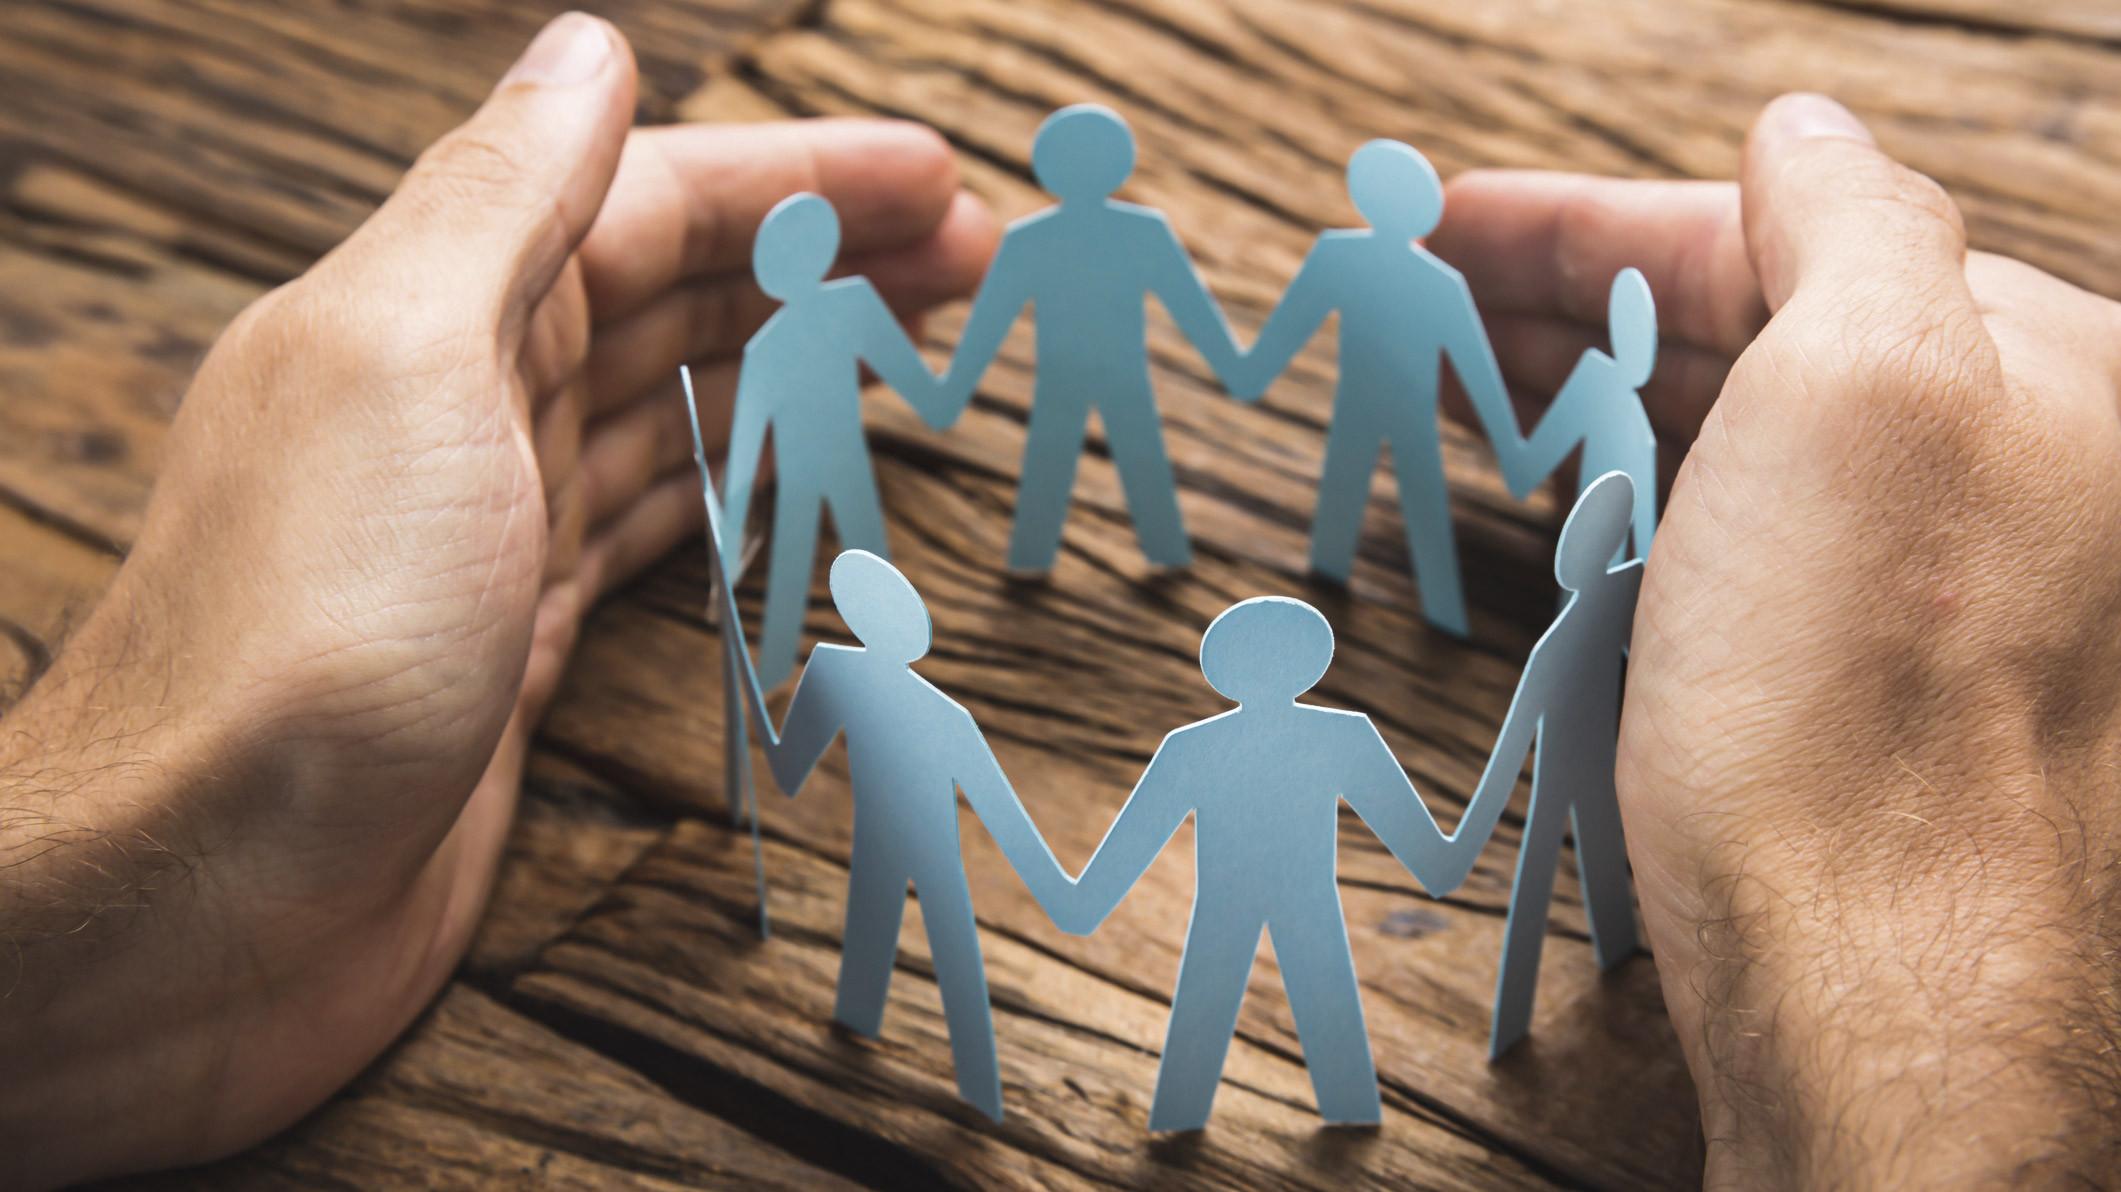 Efecto Covid-19 en el sector asegurador: las primas de seguros de vida aumentarían tras la segunda ola